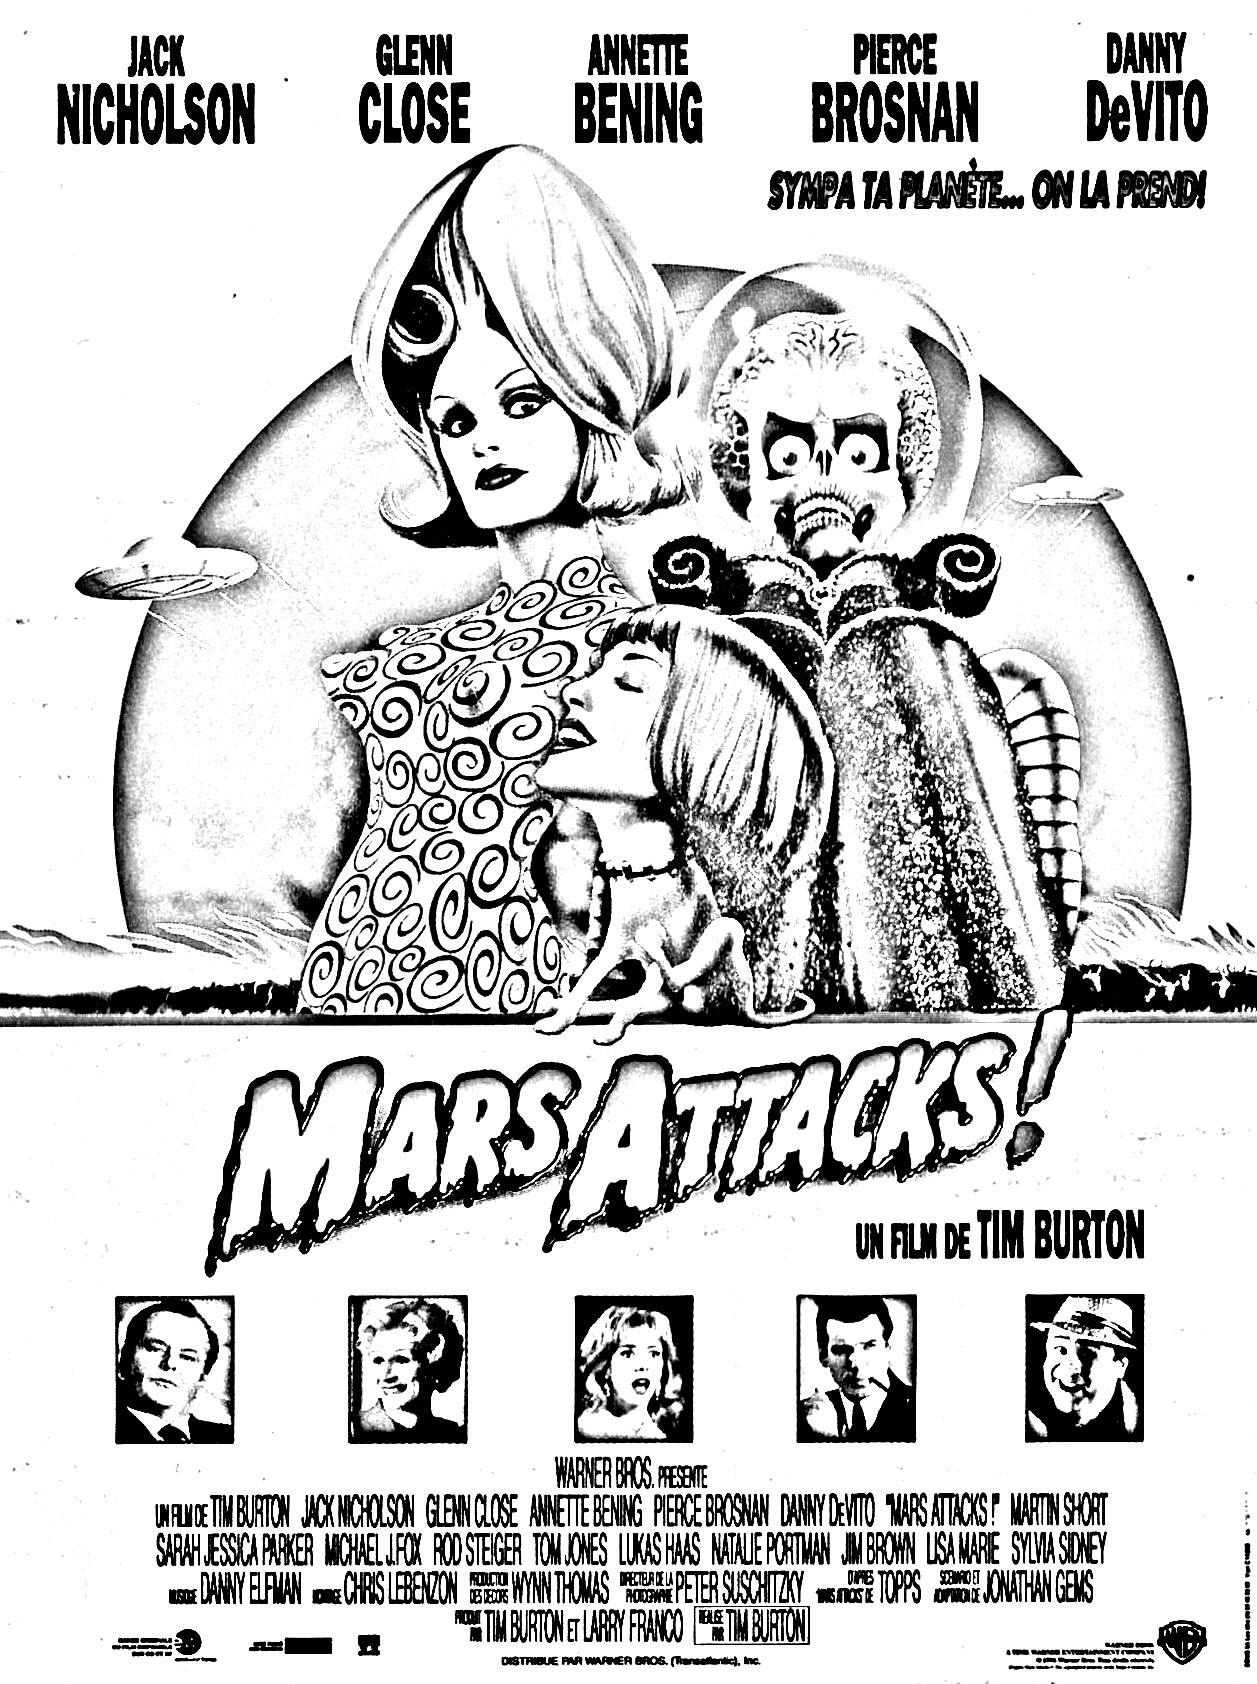 1996 Tim Burton movie Mars Attacks !